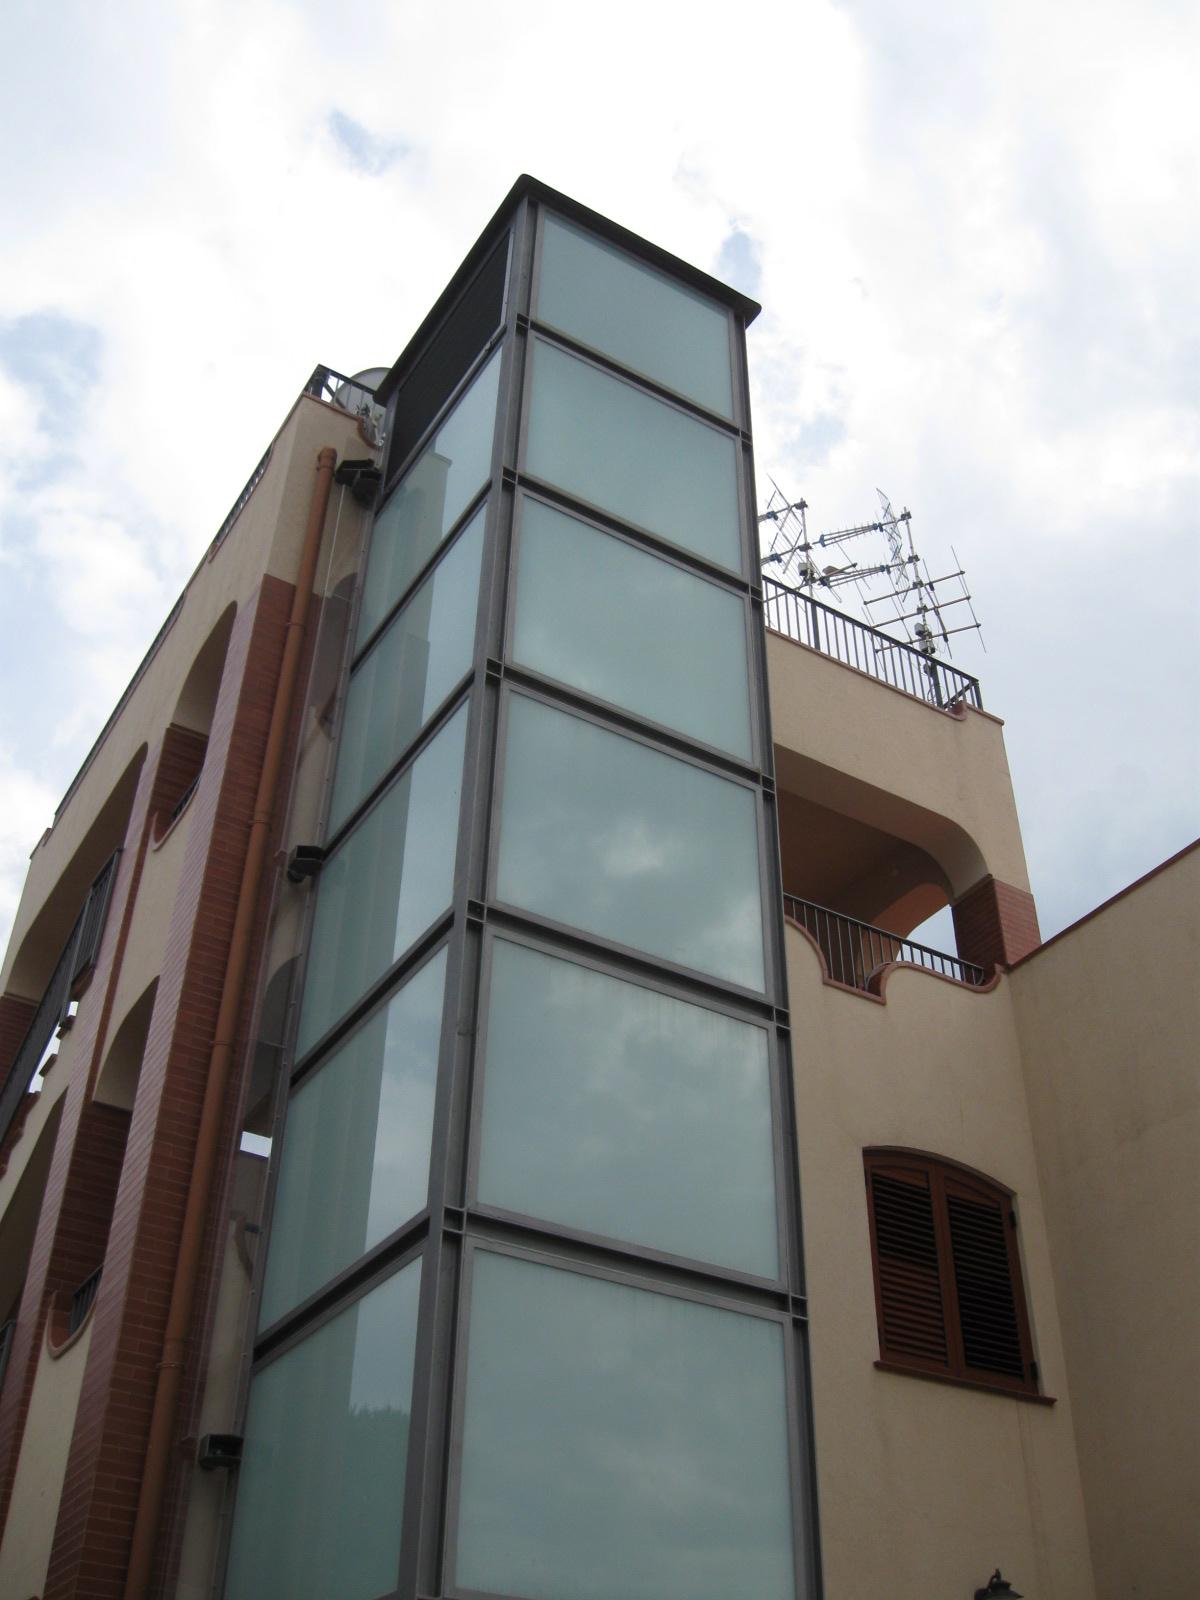 Progettazione strutturale e fornitura vano corsa ascensore esterno - Gallery - Tecnomad Palermo ...